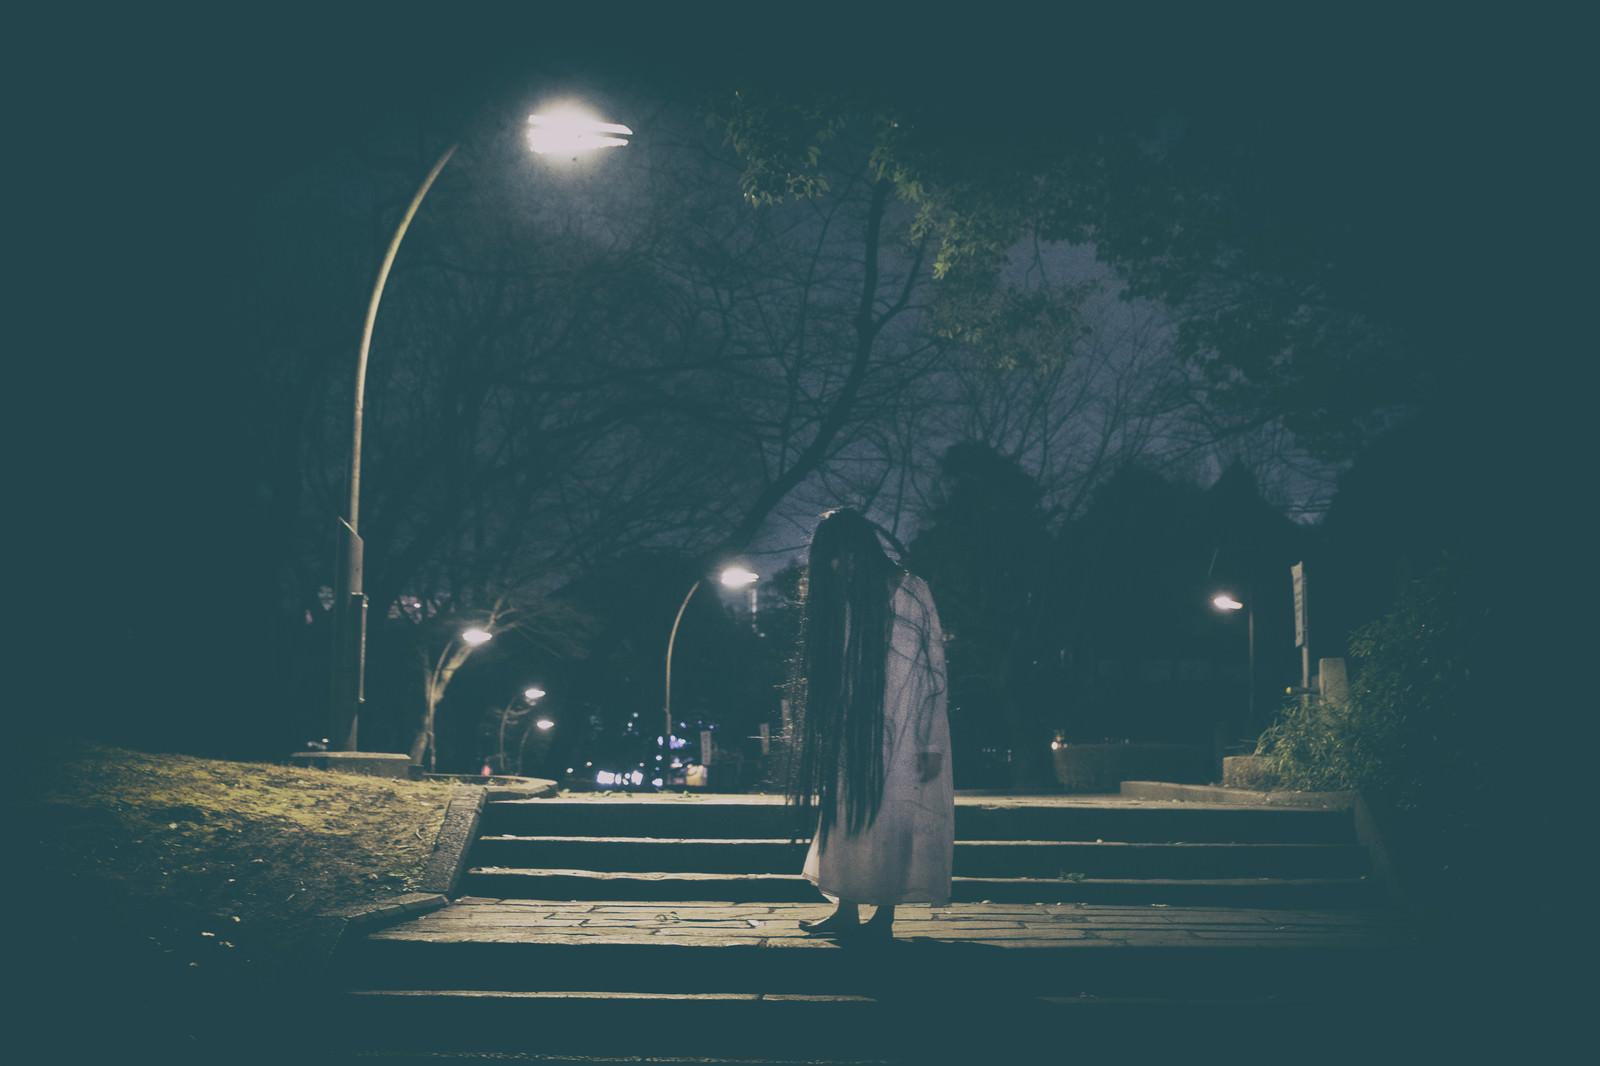 「公園のライトの下で佇む髪の長い女性公園のライトの下で佇む髪の長い女性」のフリー写真素材を拡大